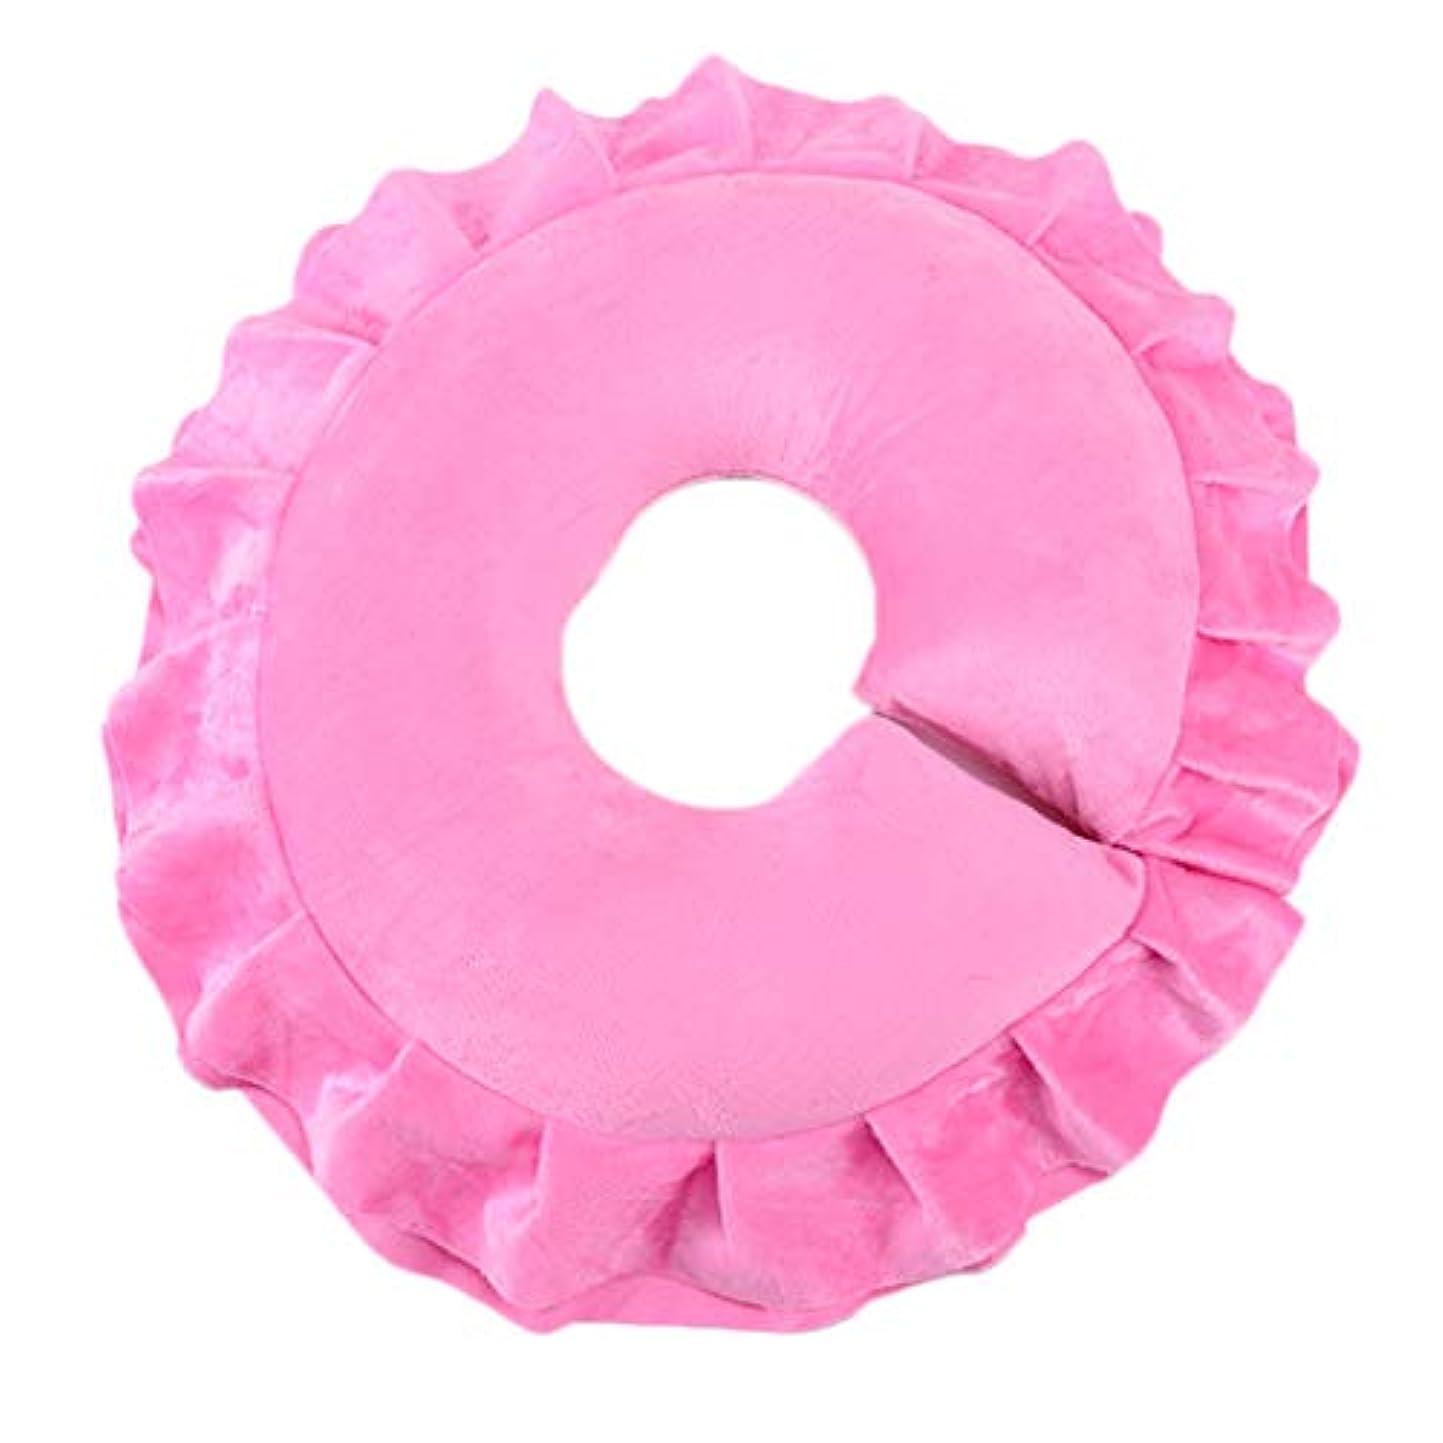 ミント熟考する複製顔枕 マッサージ用 フェイスピロー 枕 フェイスクッション ソフト マッサージ クッション 全4色 - ピンク